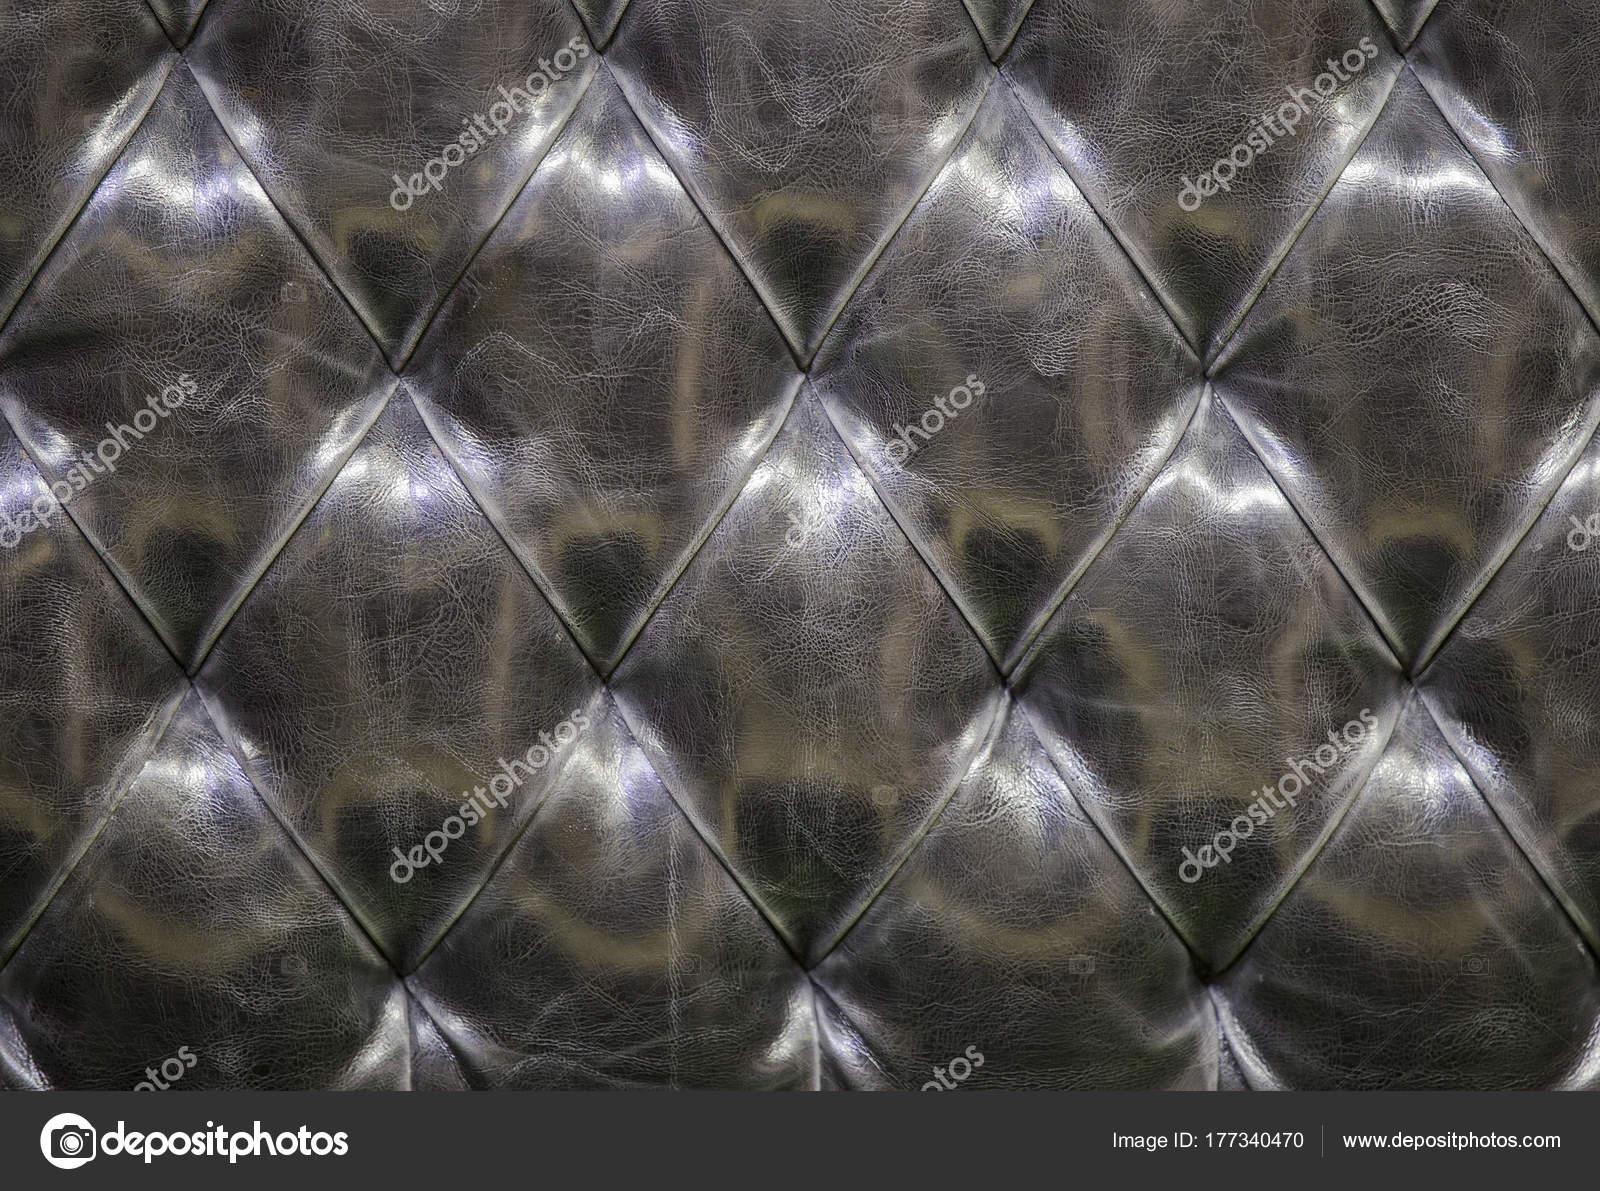 Leder Sofa Textur Hintergrund Schwarz Graue Gesteppte Leder Muster